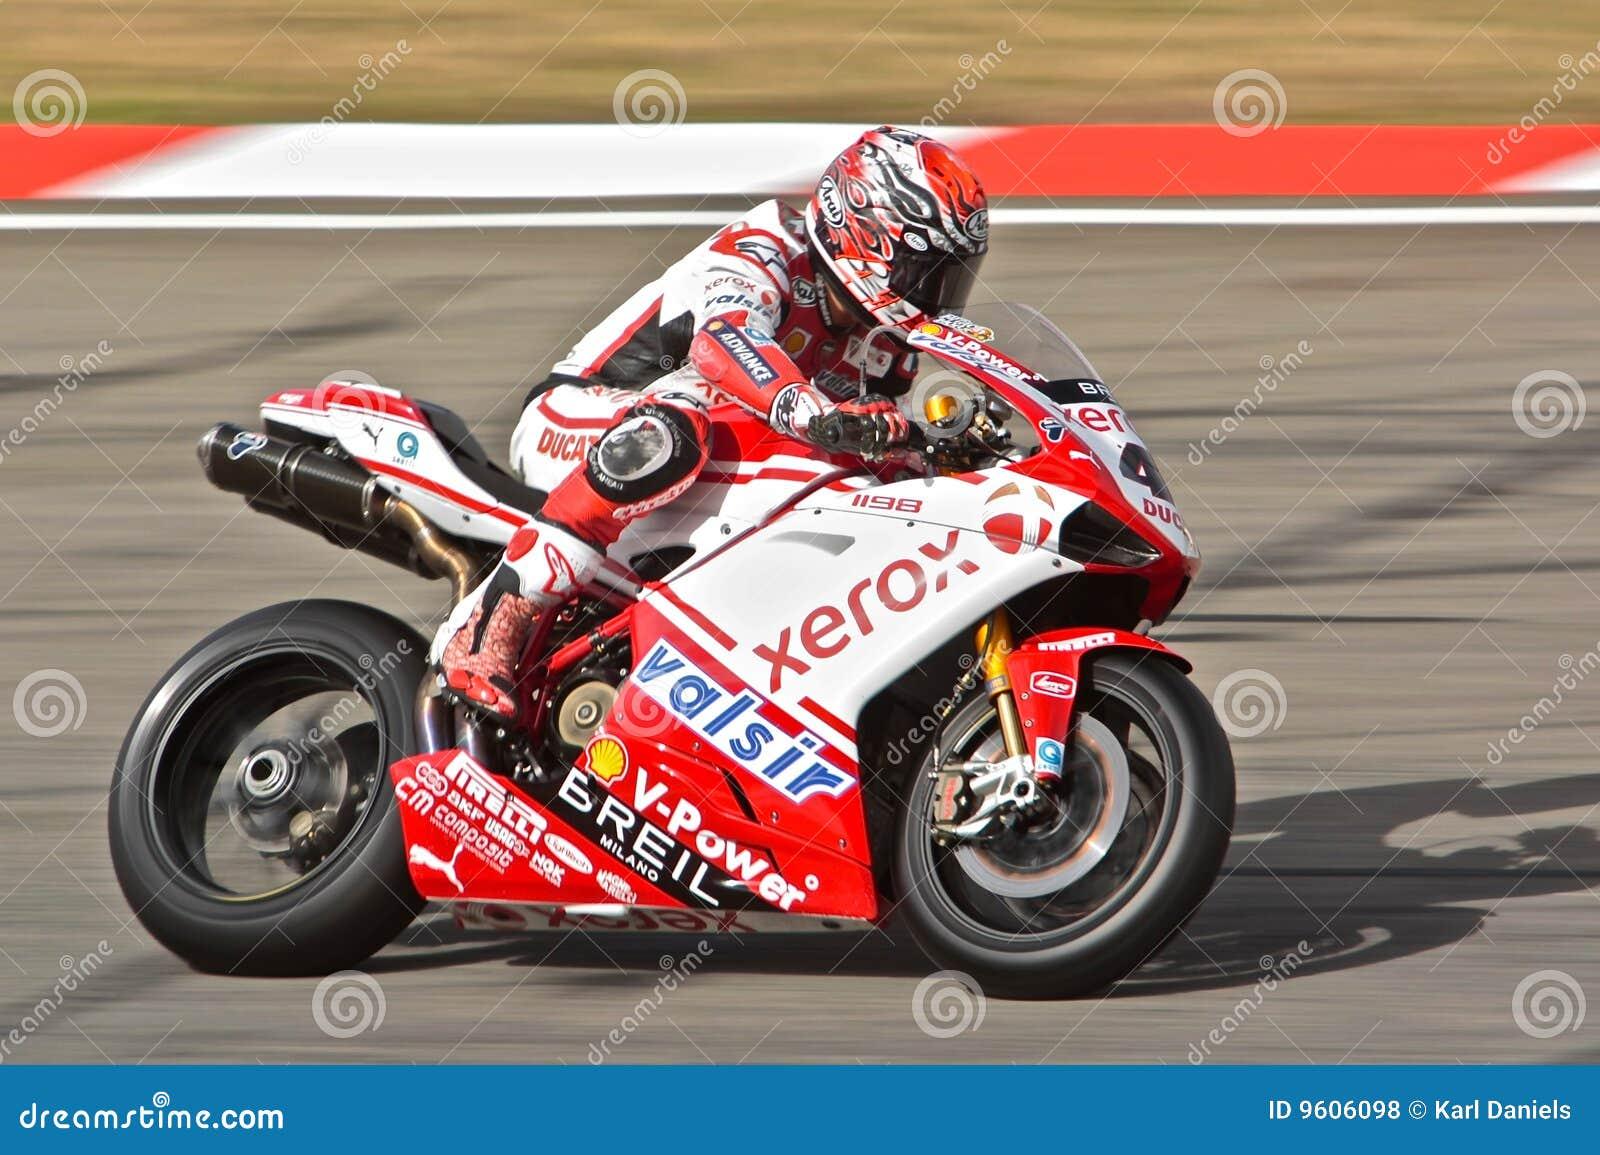 Ducati World Superbike Championships